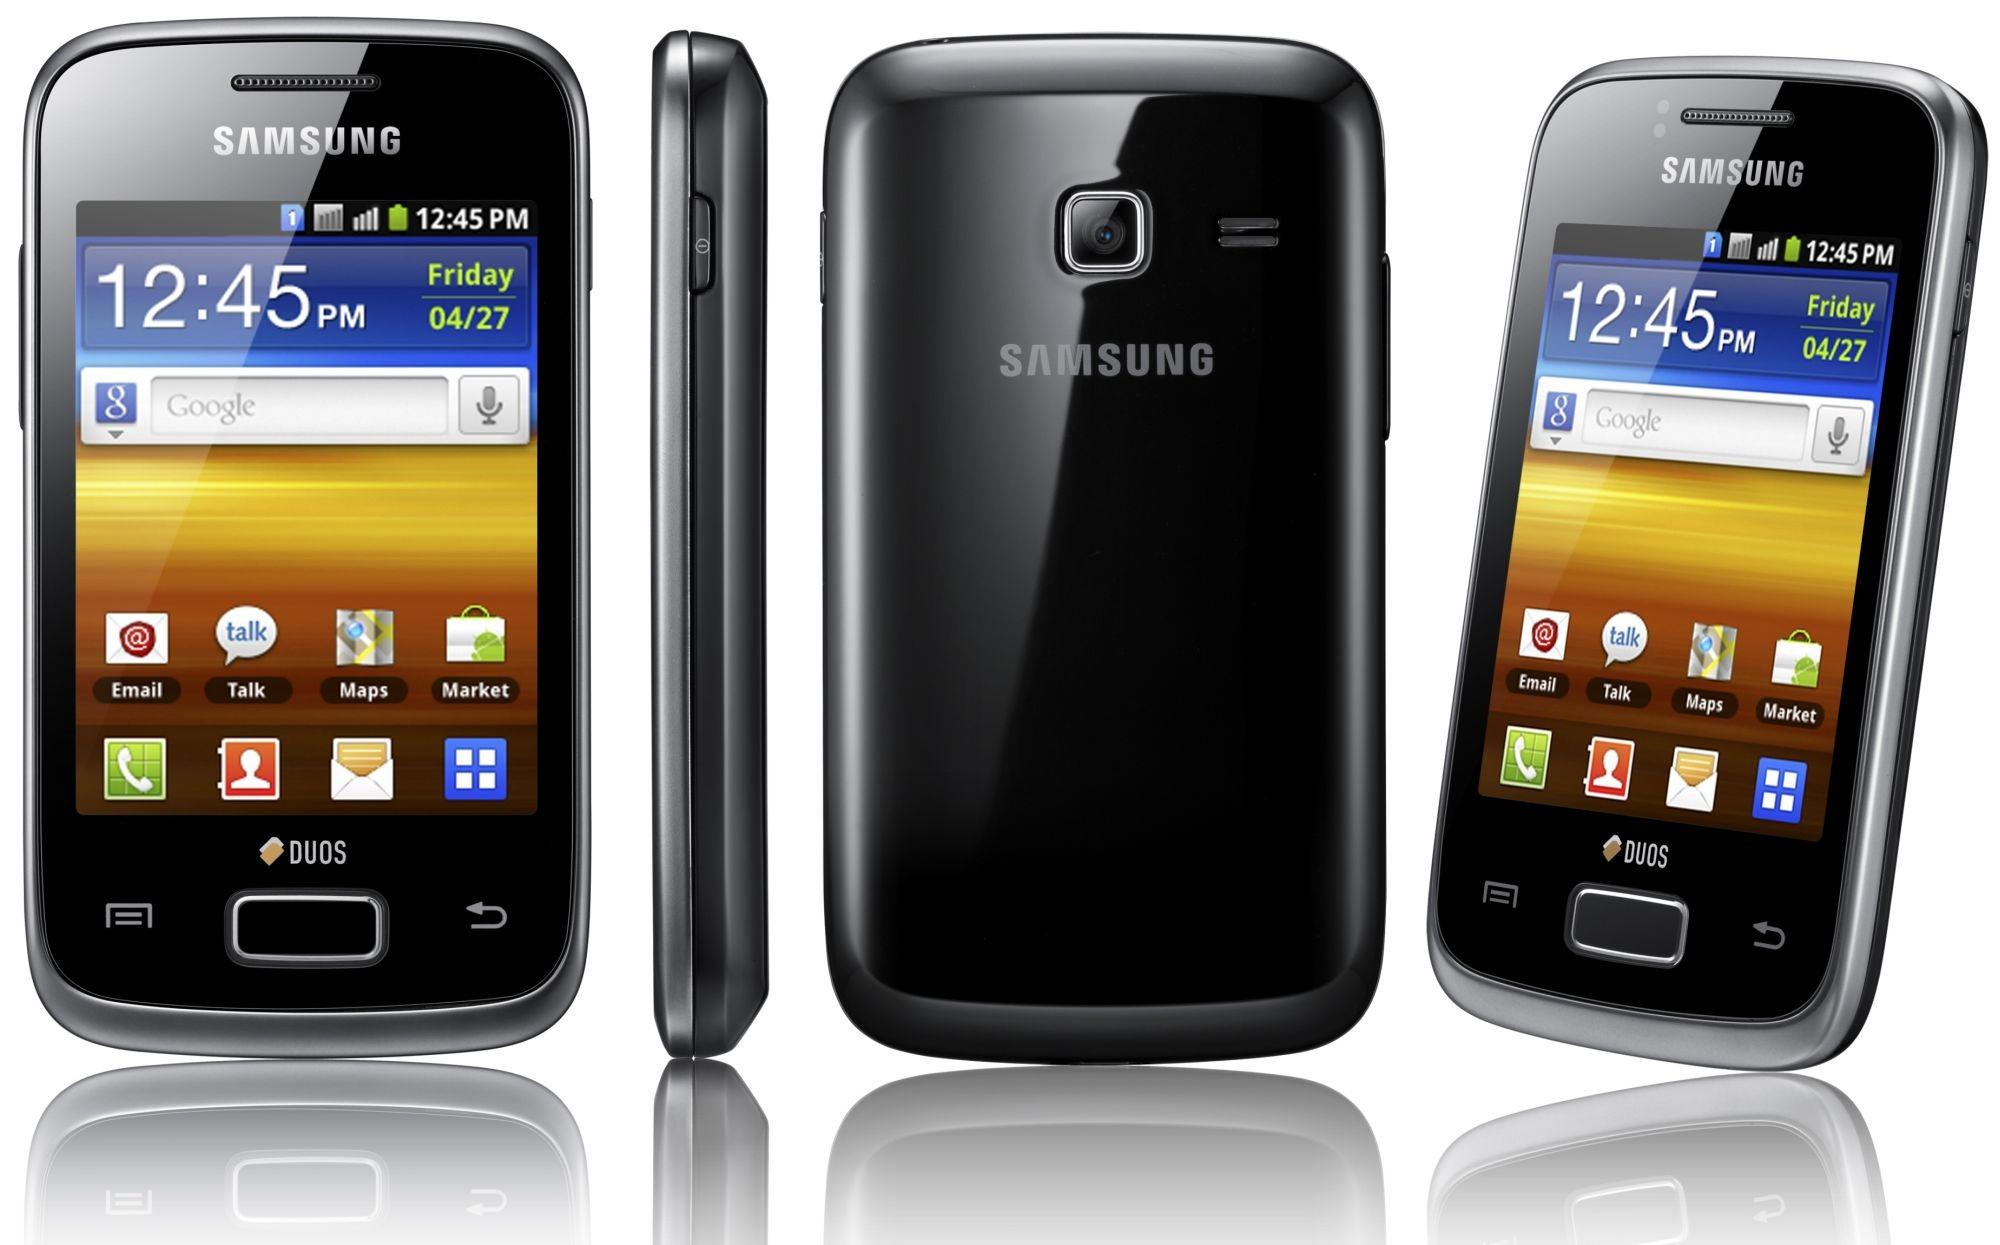 samsung-galaxy-y-duos-s6102-1.jpg